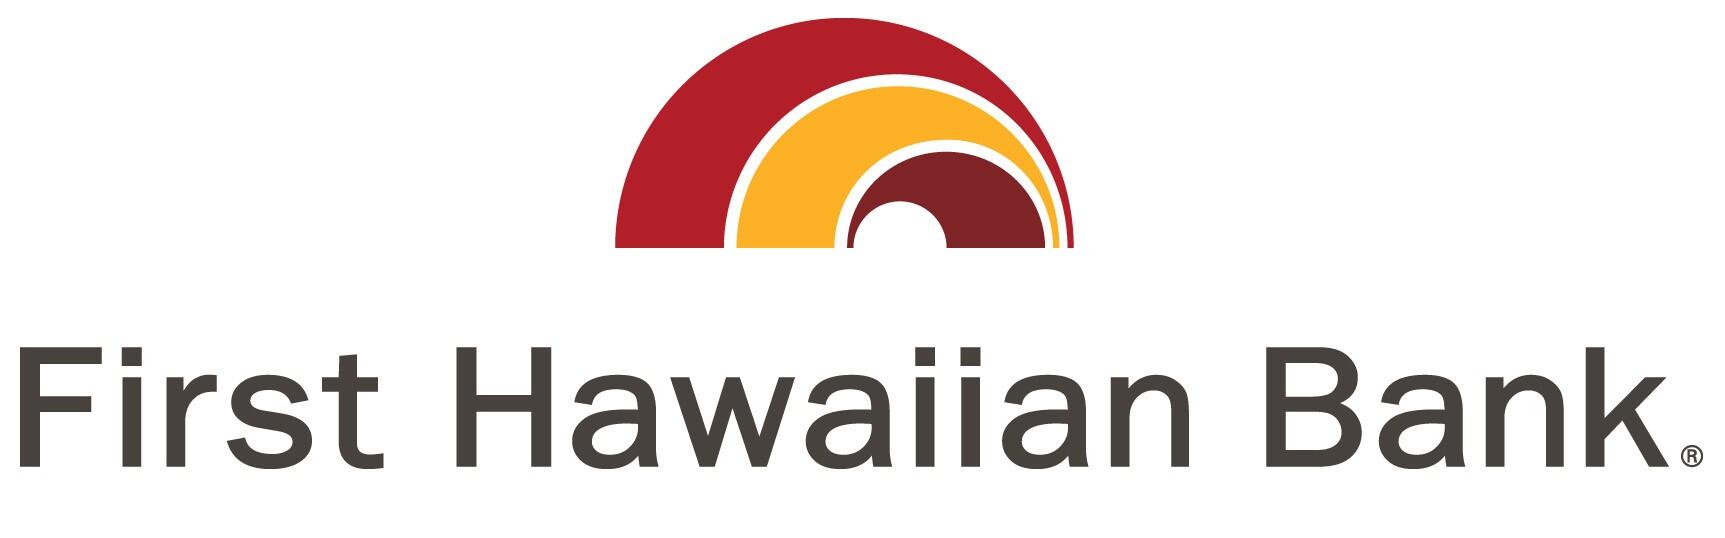 First_Hawaiian_Bank_Logo